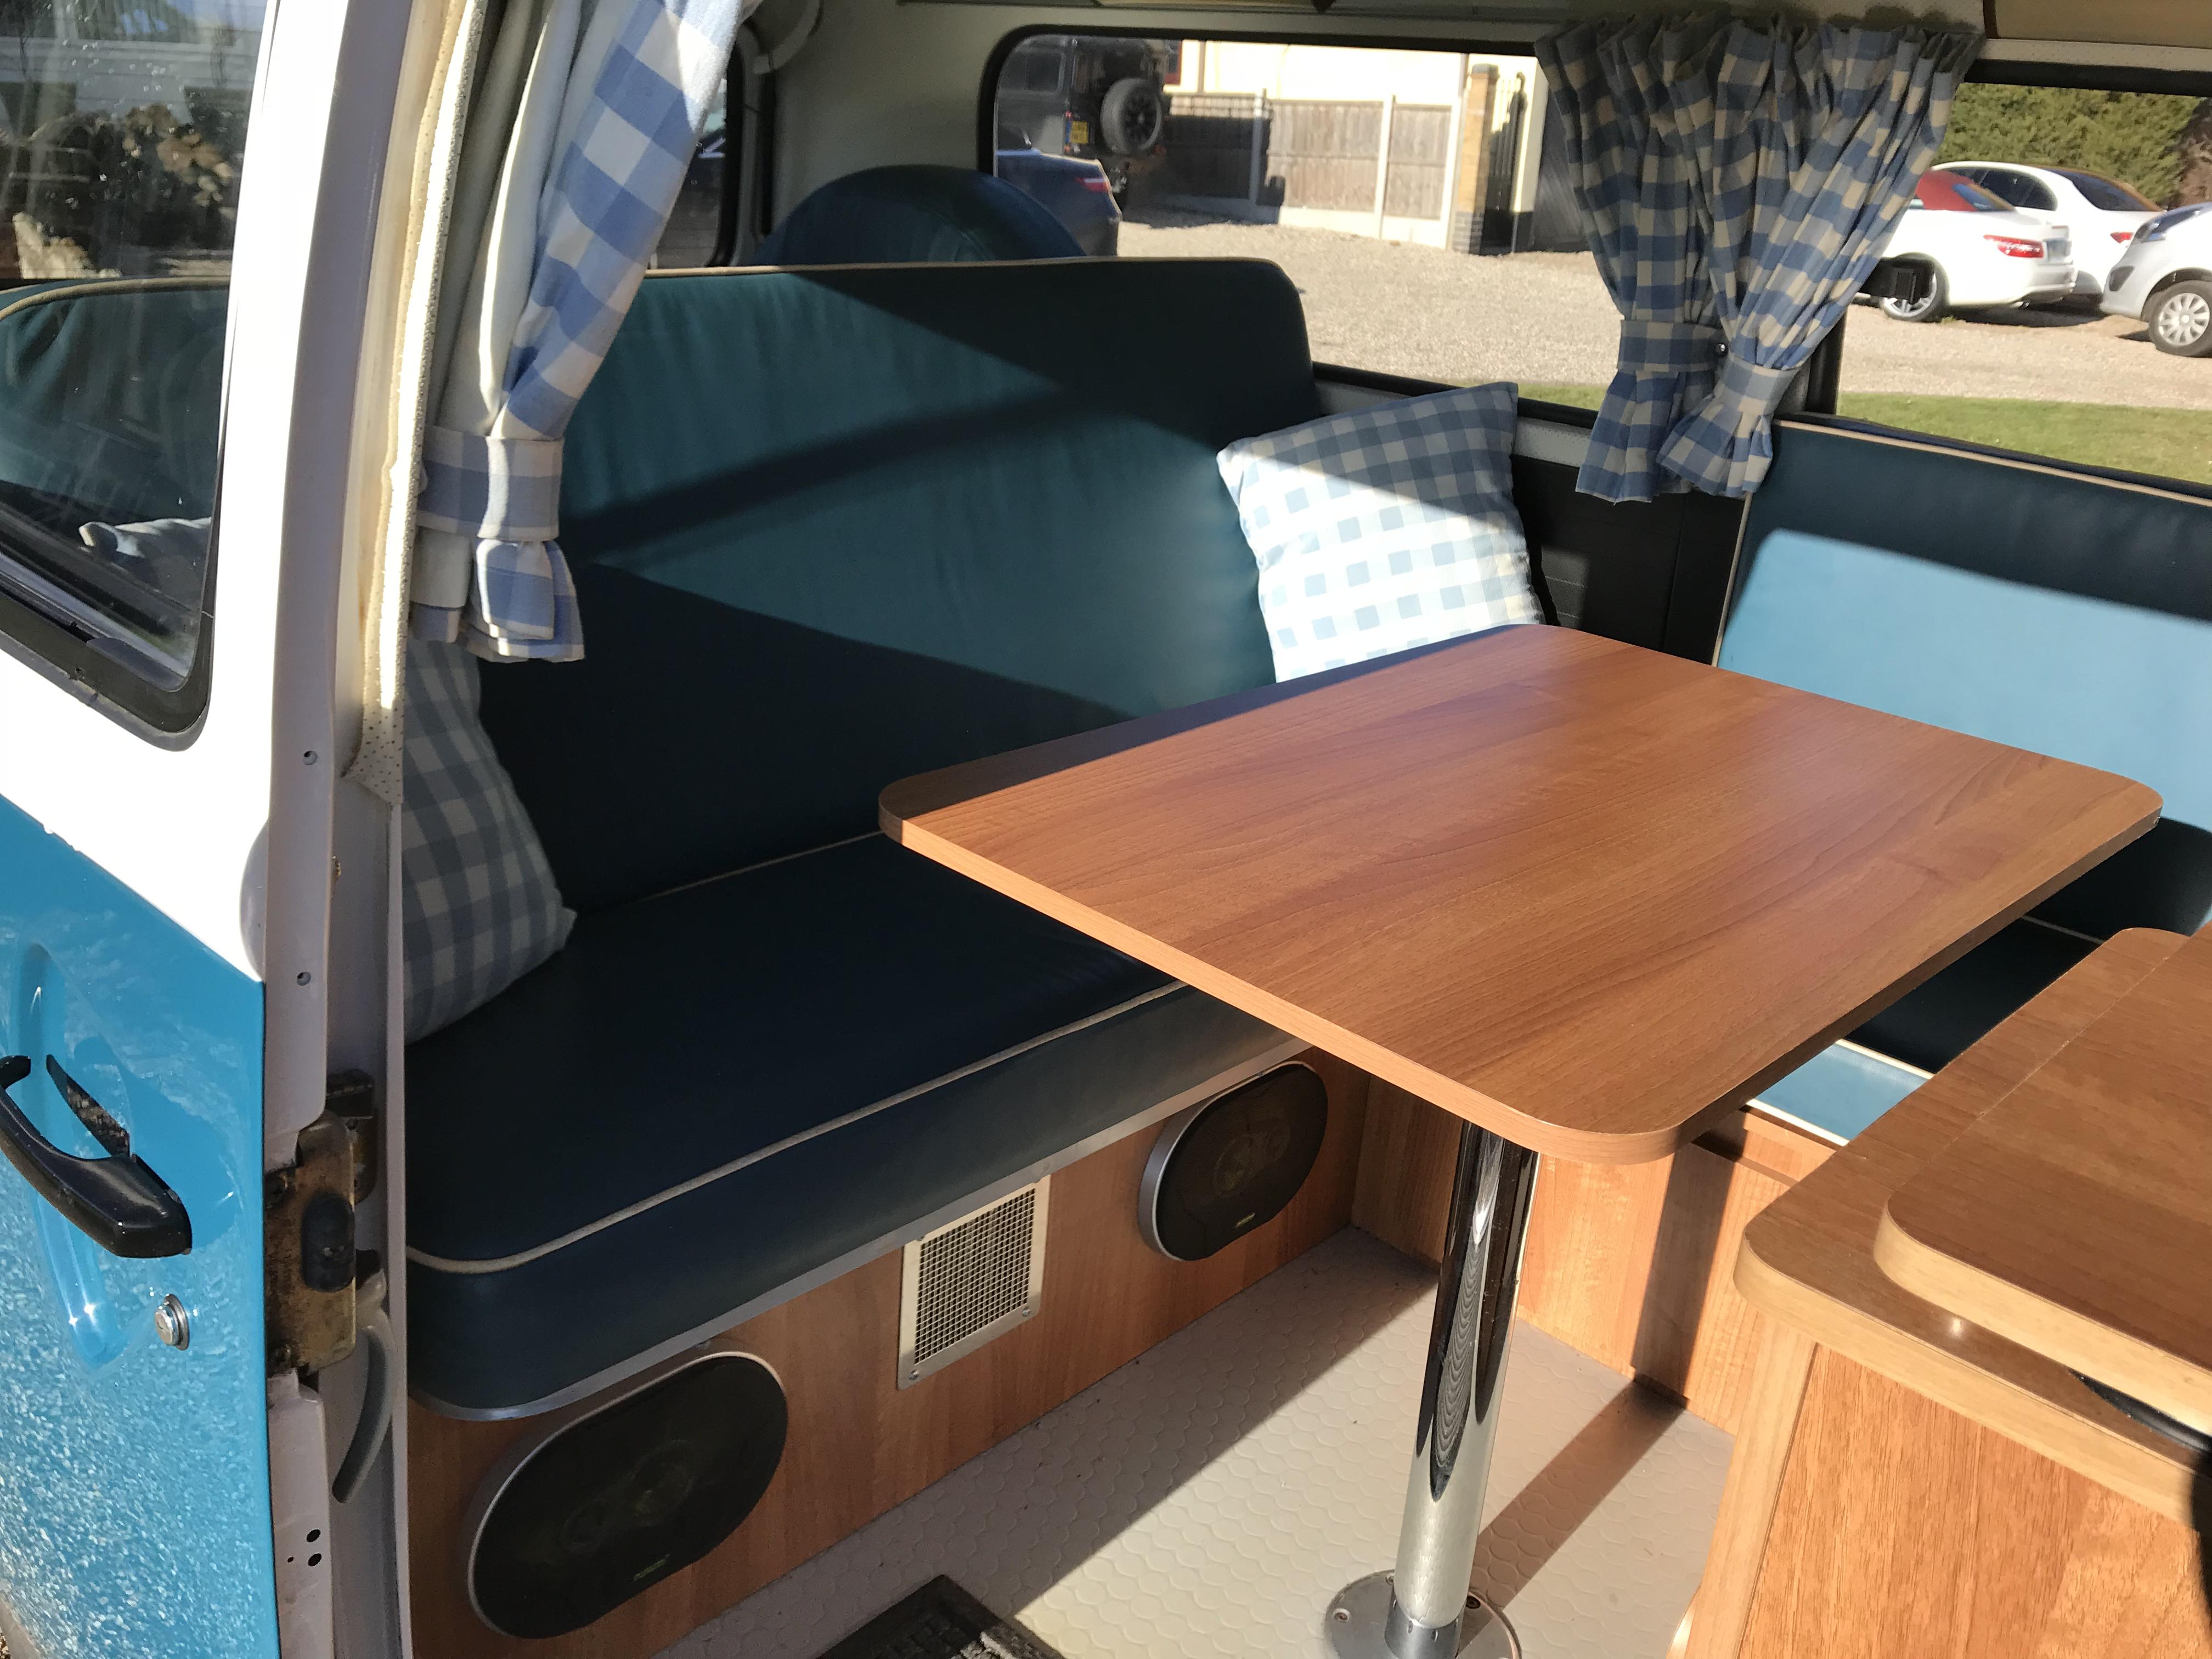 vw-tin-top-camper-van-for-sale